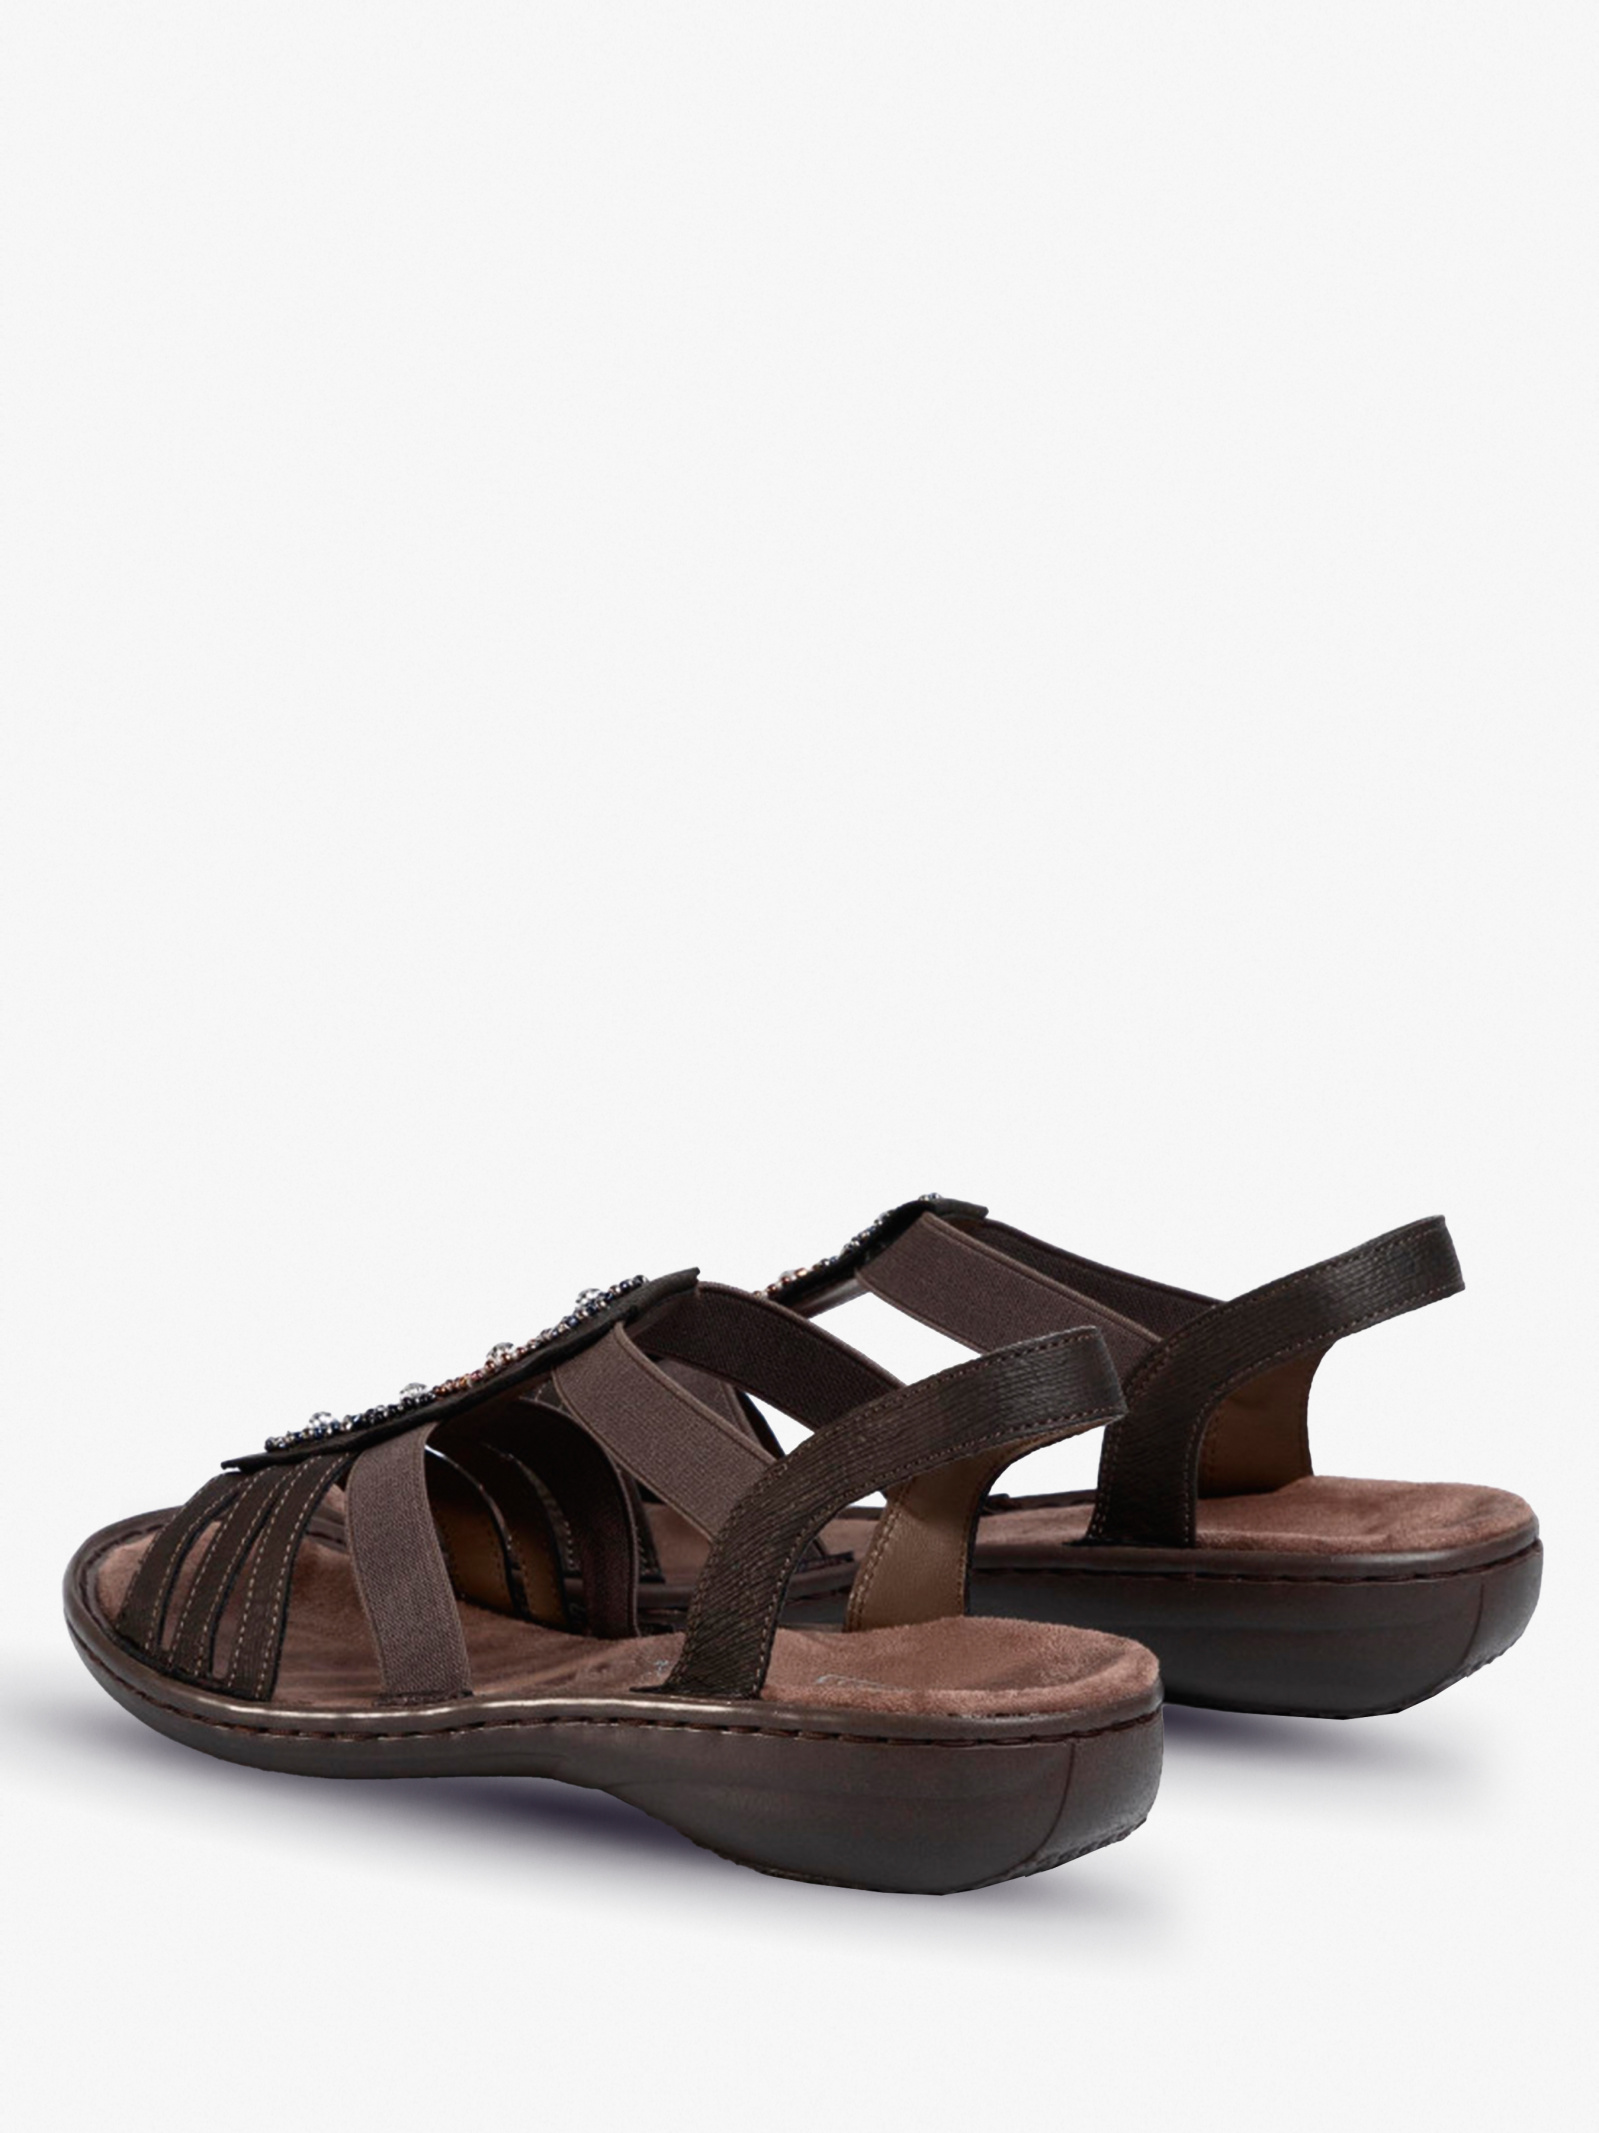 Сандалии женские RIEKER 608G9/45 размерная сетка обуви, 2017